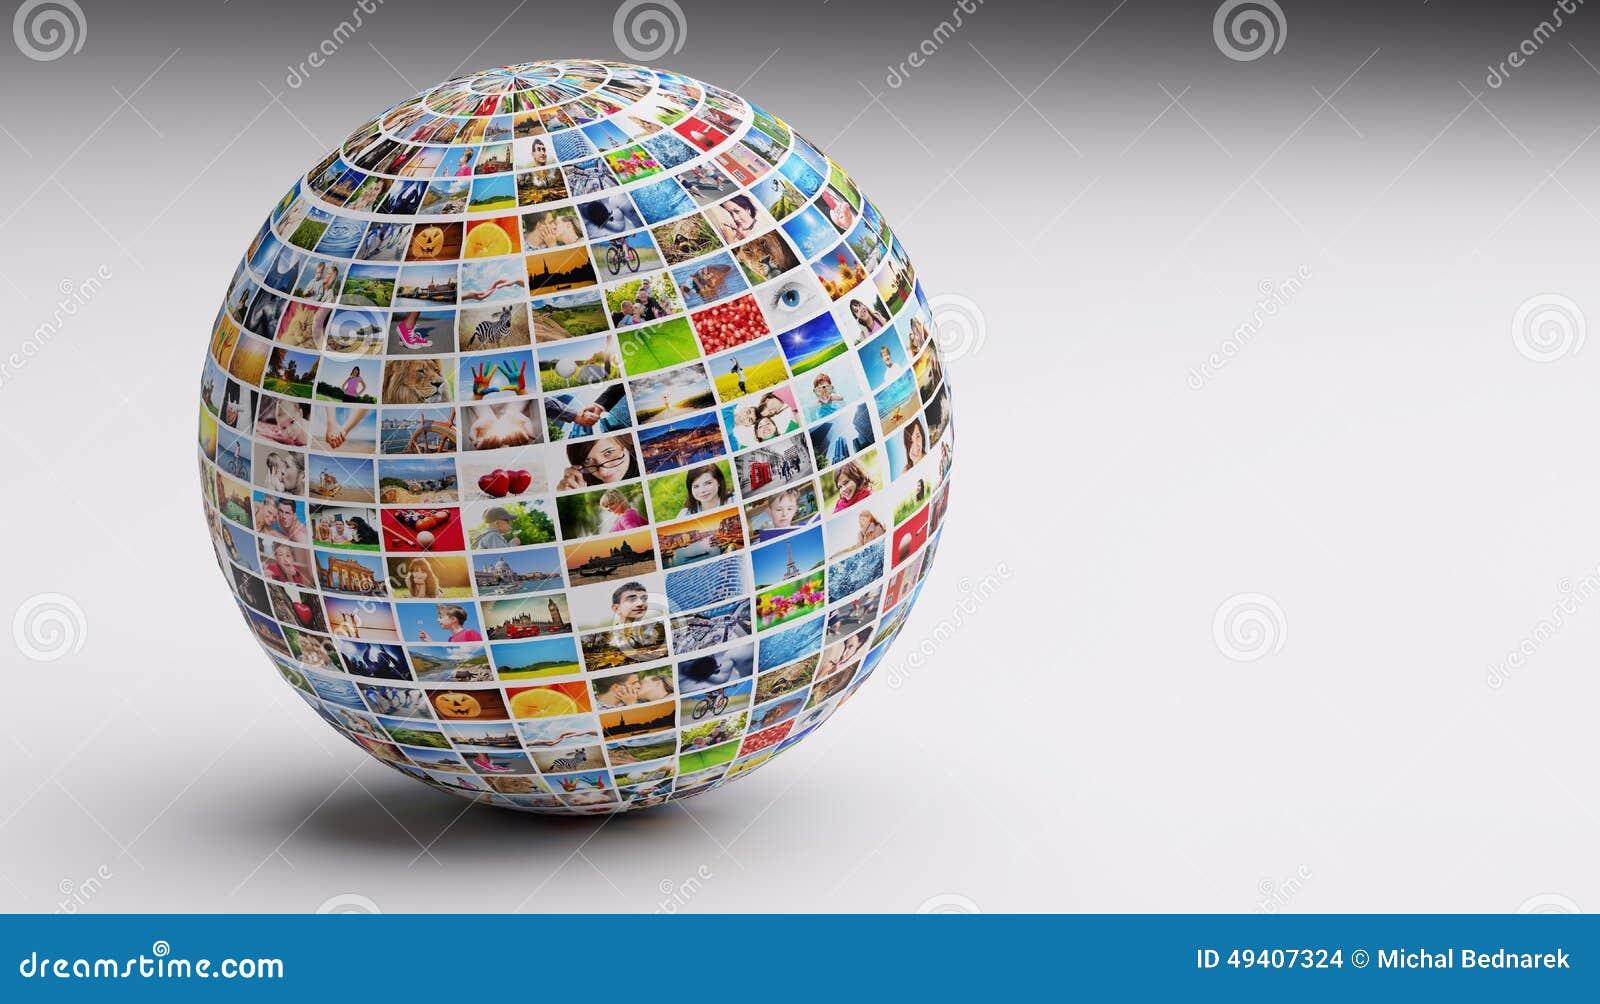 Download Kugel, Ball Mit Verschiedenen Bildern Von Leuten, Natur, Gegenstände, Plätze Stockfoto - Bild von media, modern: 49407324